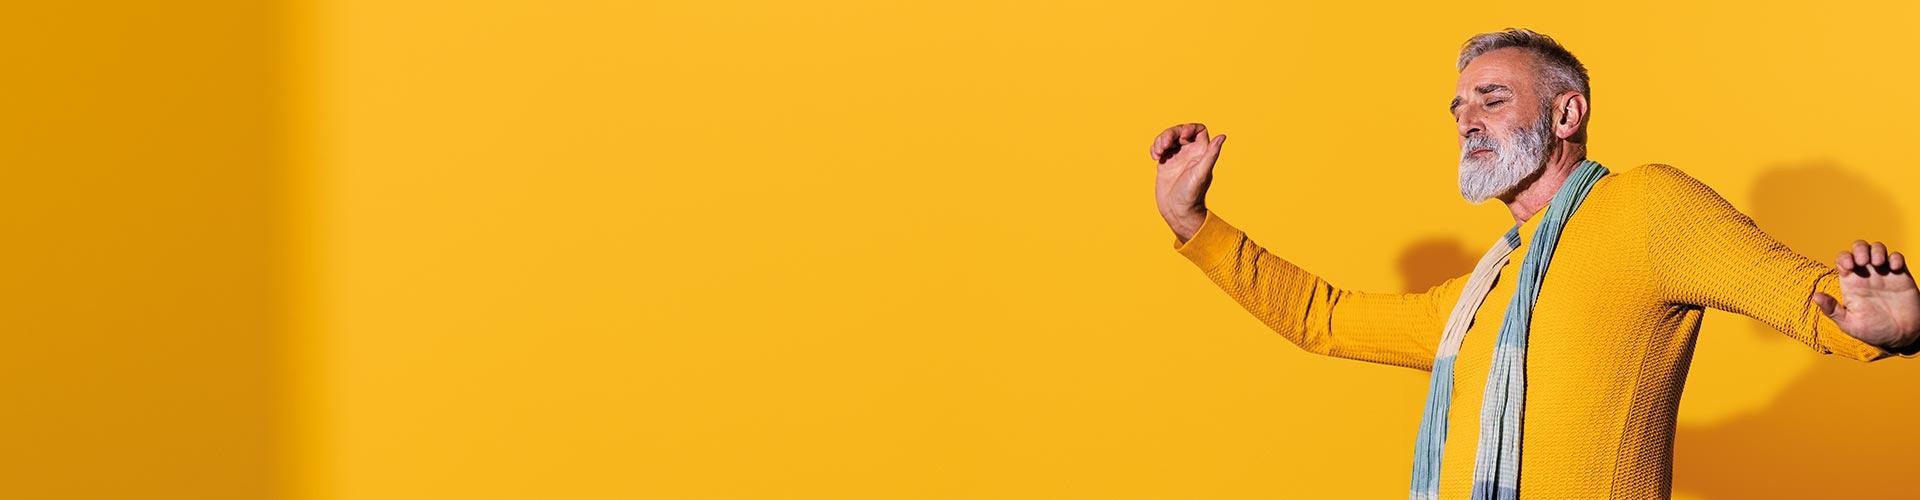 Tańczący mężczyzna w średnim wieku noszący aparaty słuchowe Philips HearLink i okazujący pewność siebie.